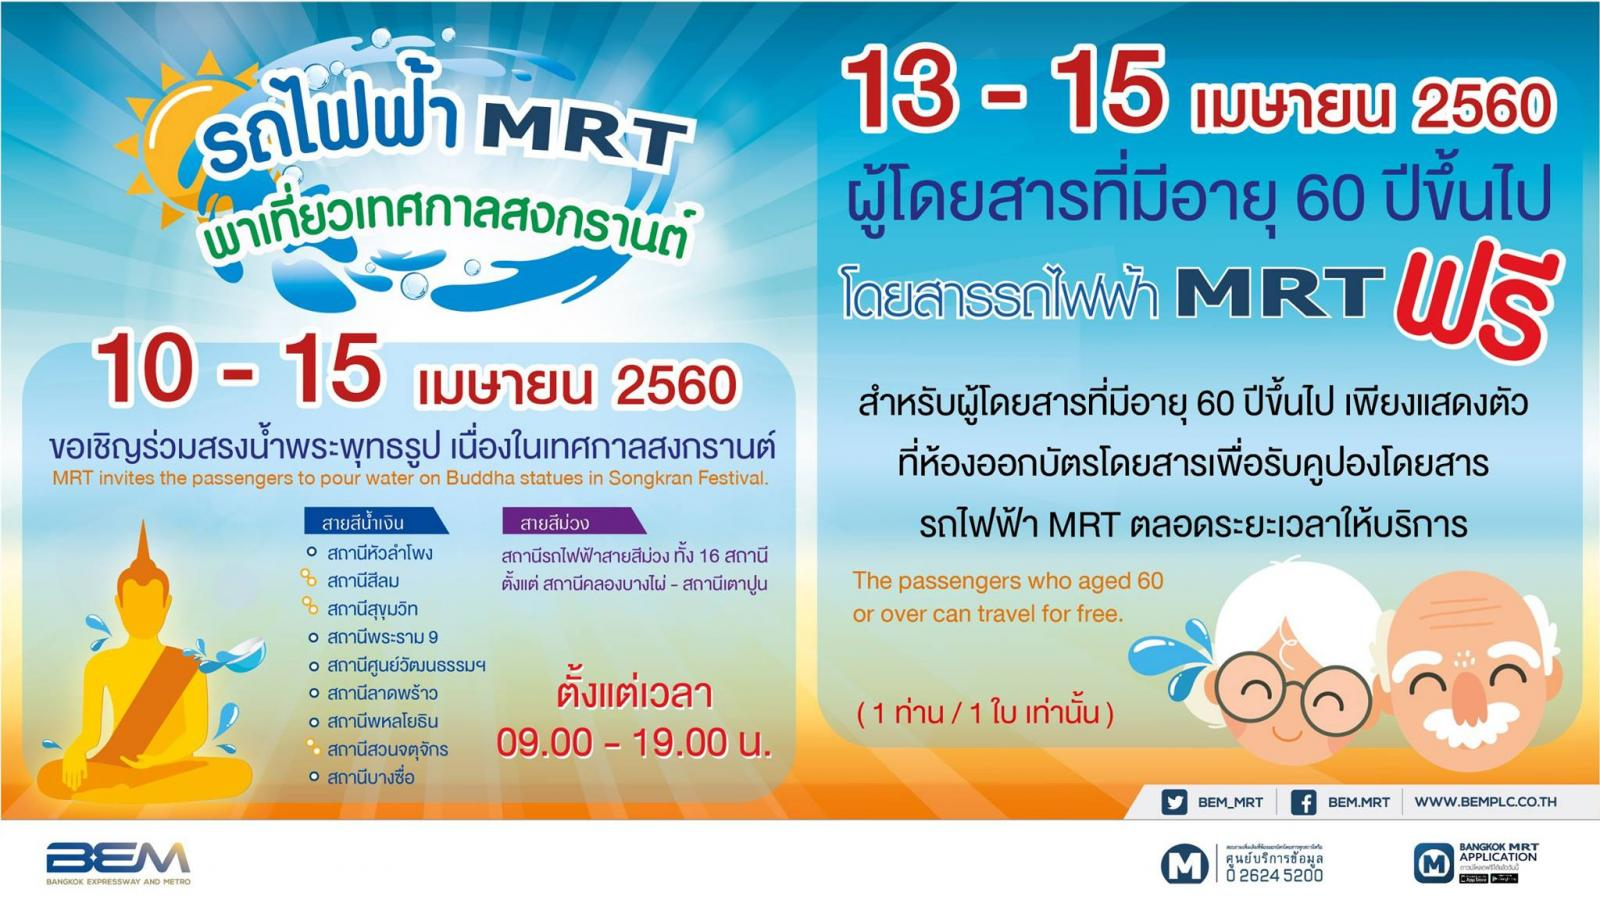 สงกรานต์นี้! พาผู้สูงอายุ 60 ปีขึ้นไป นั่ง BTS-MRT ฟรี !!